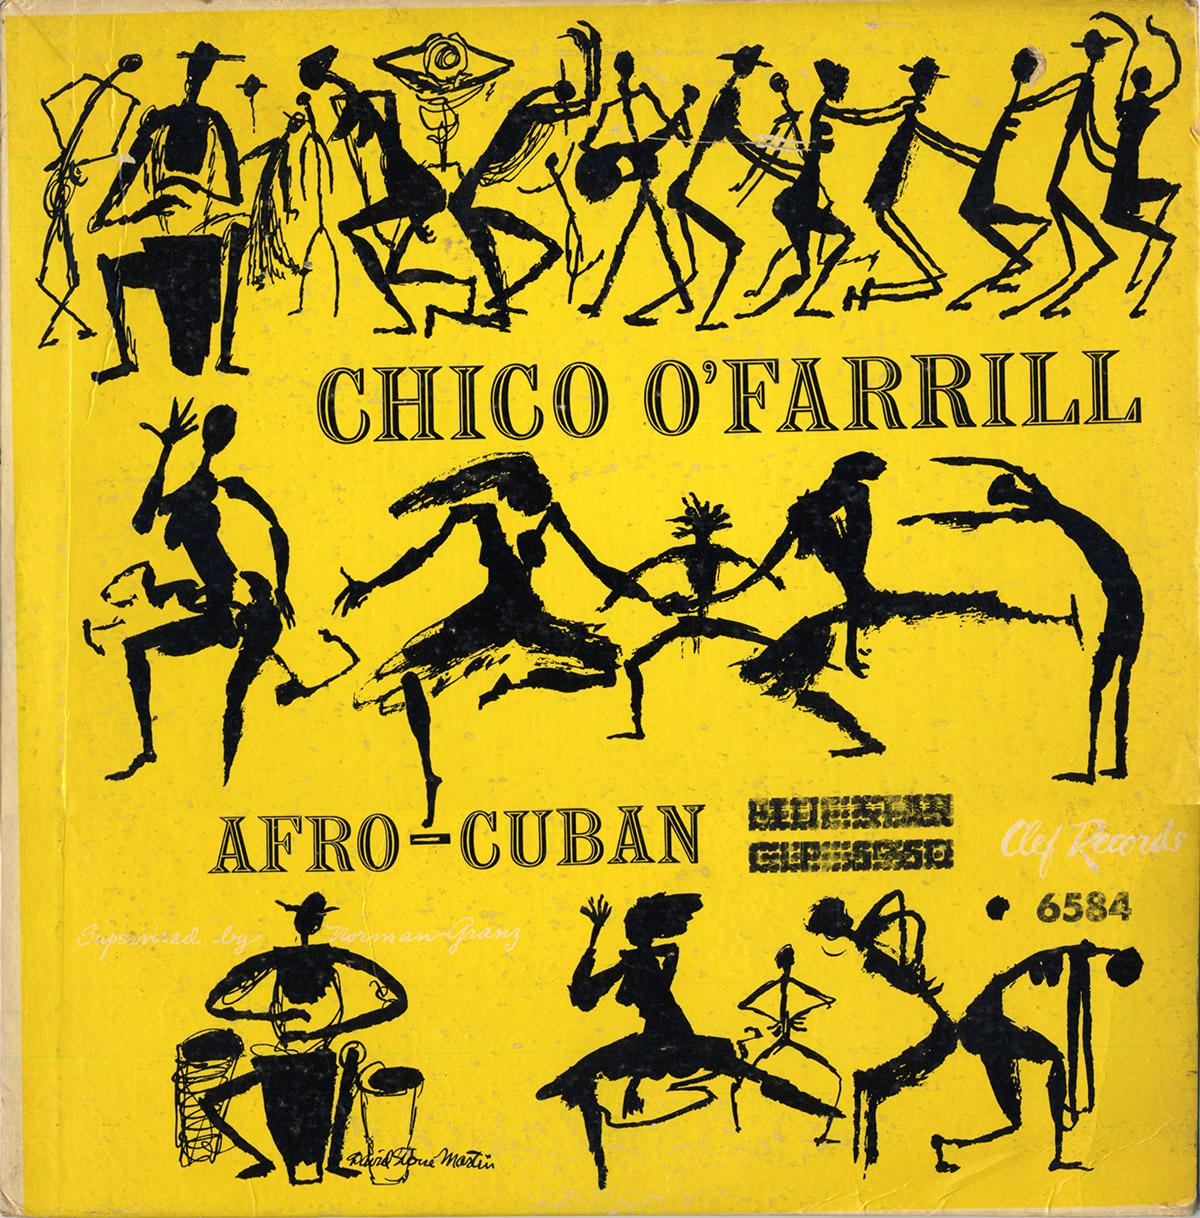 chico-ofarill_afro-cuban_clef_6584_